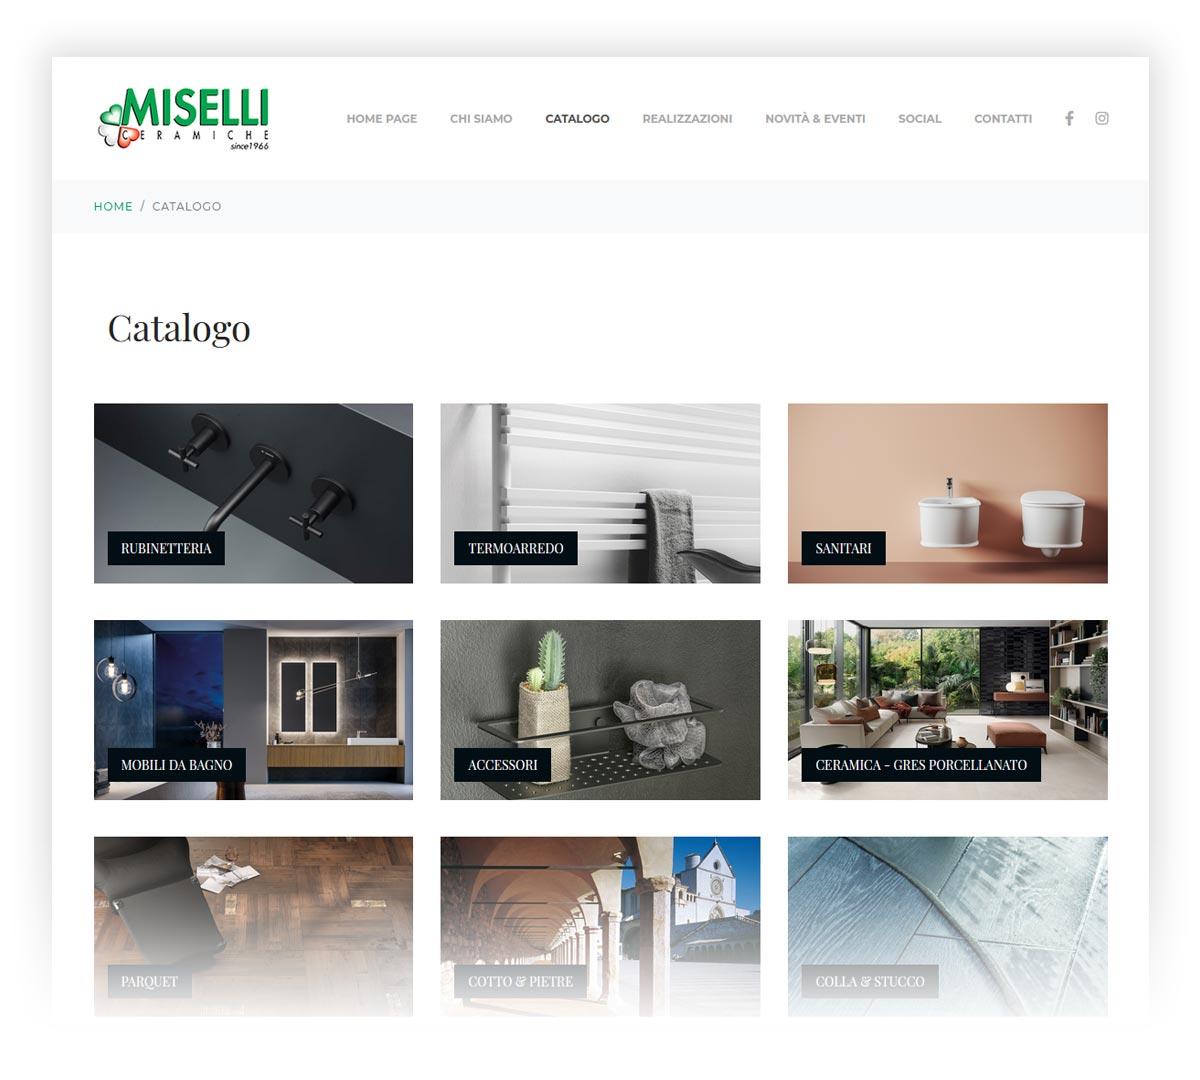 Screenshot sito web Miselli ceramiche